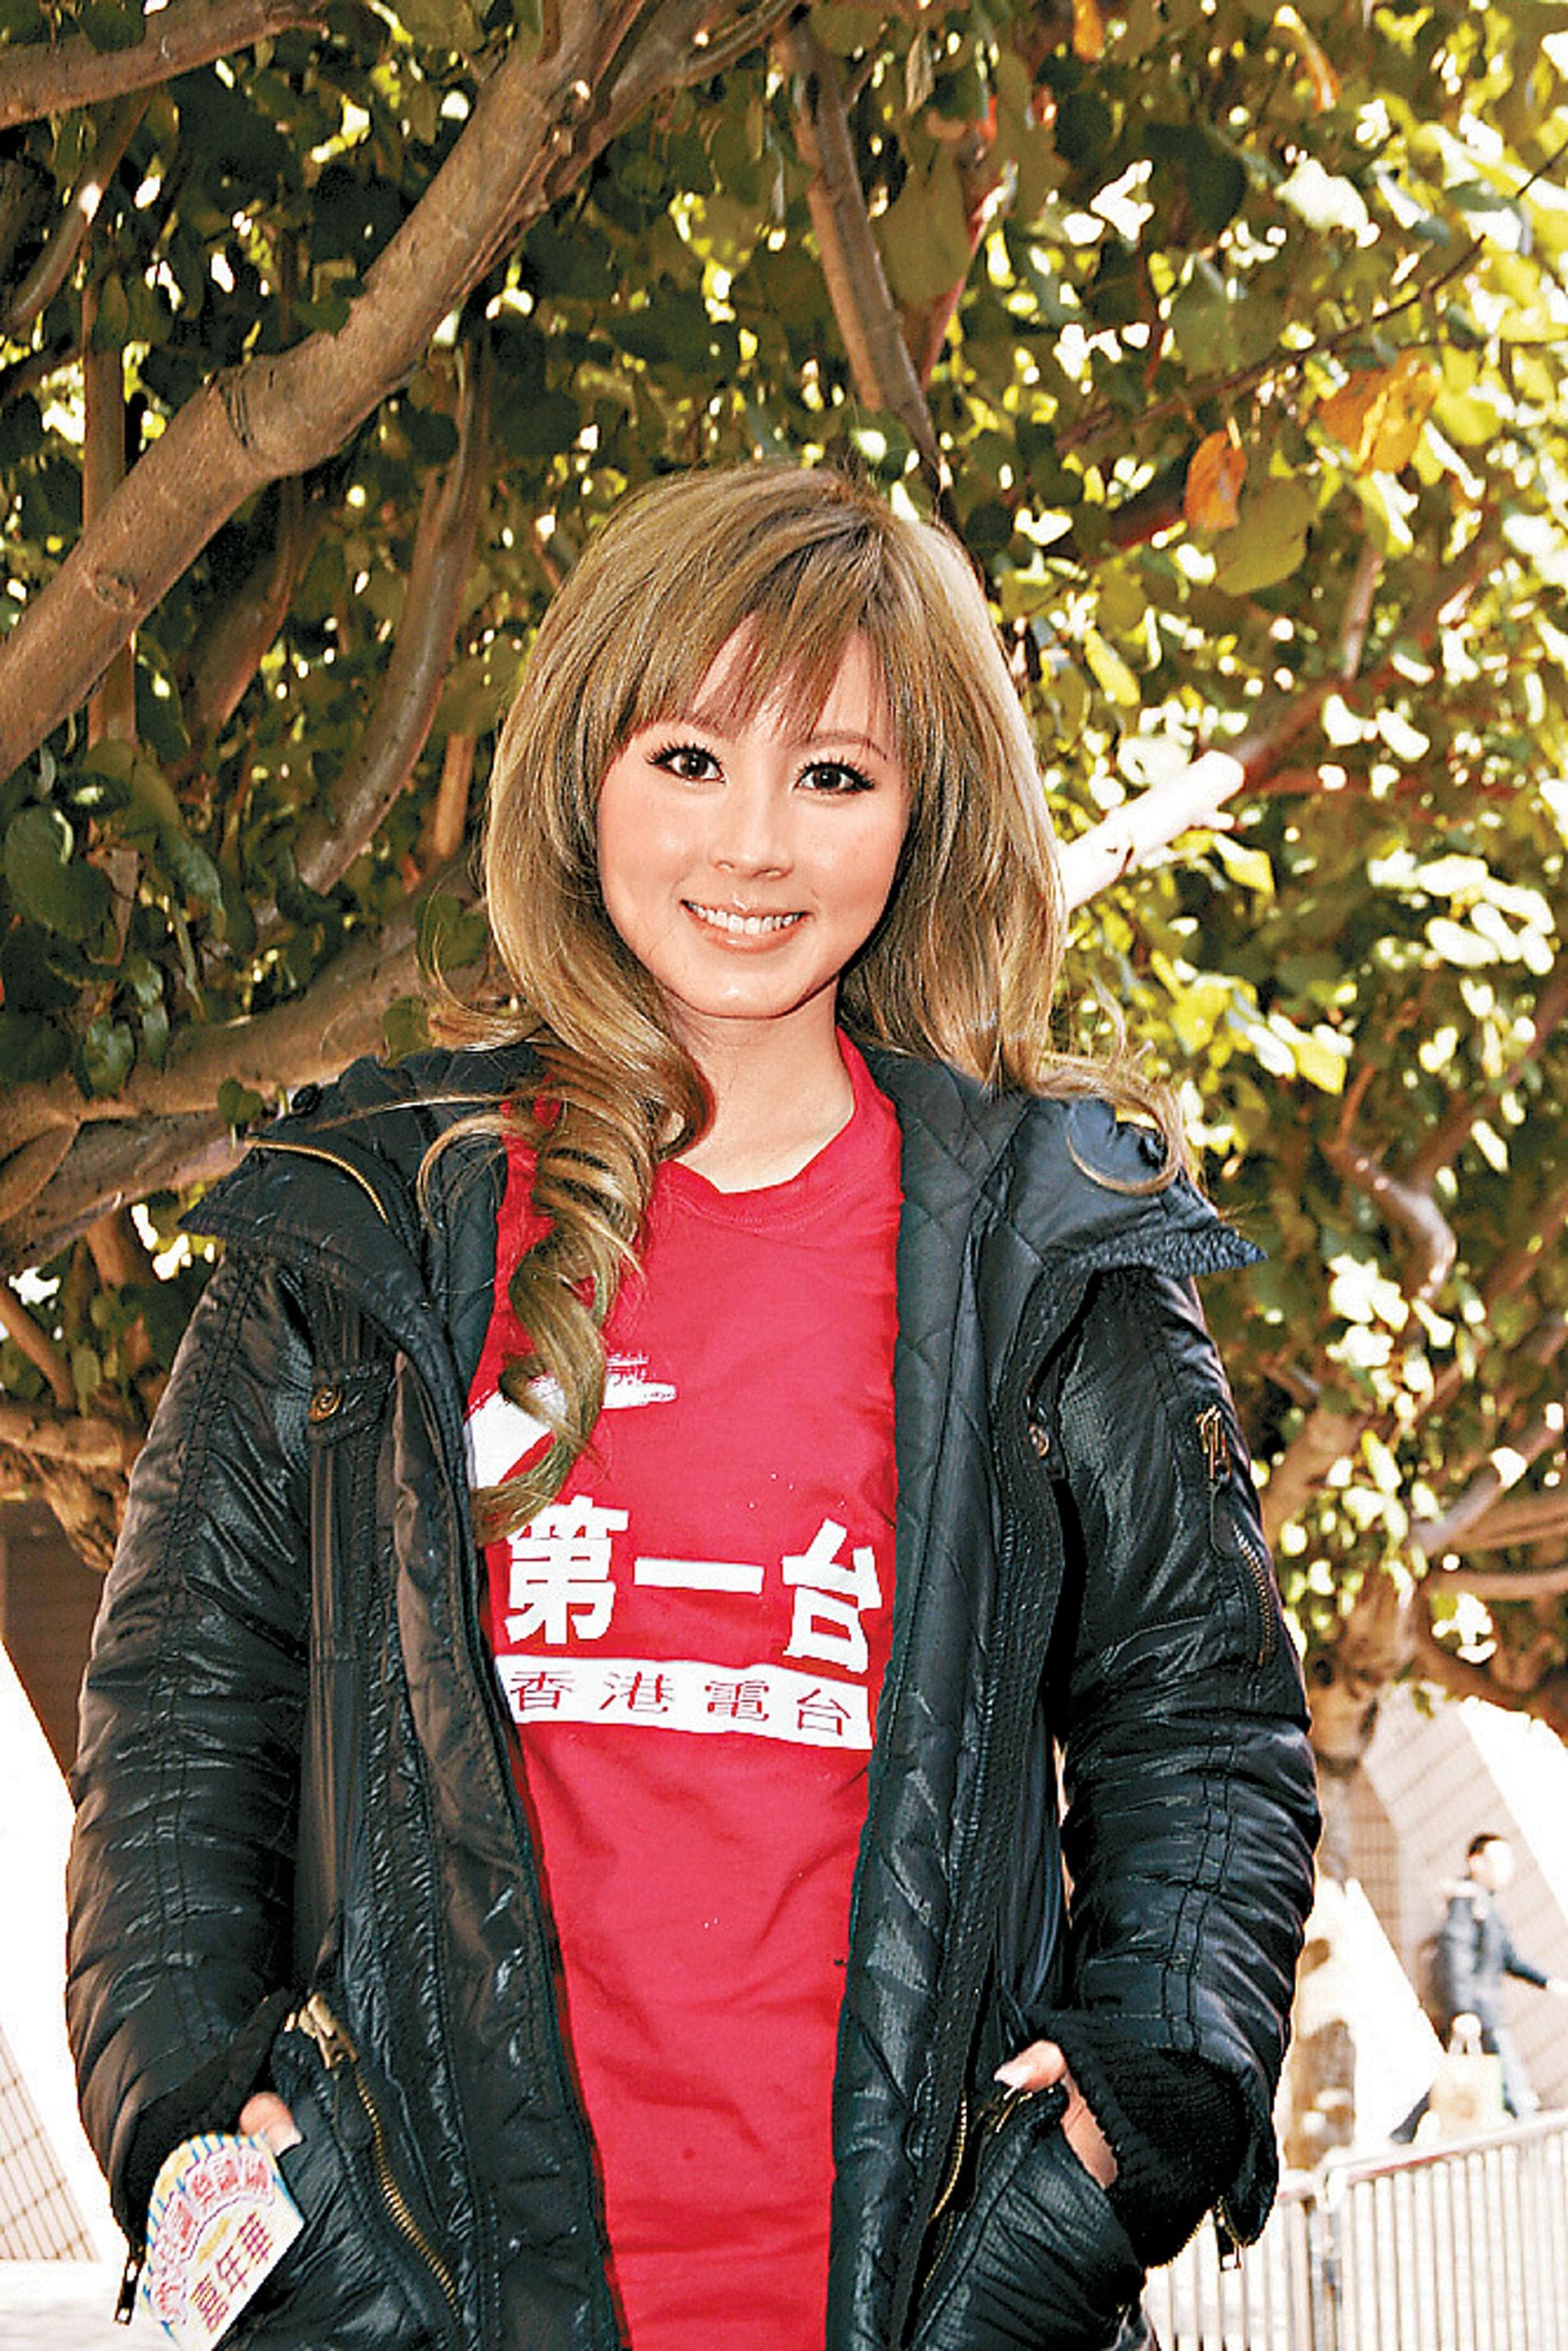 2009年!(圖片來源:視覺中國)